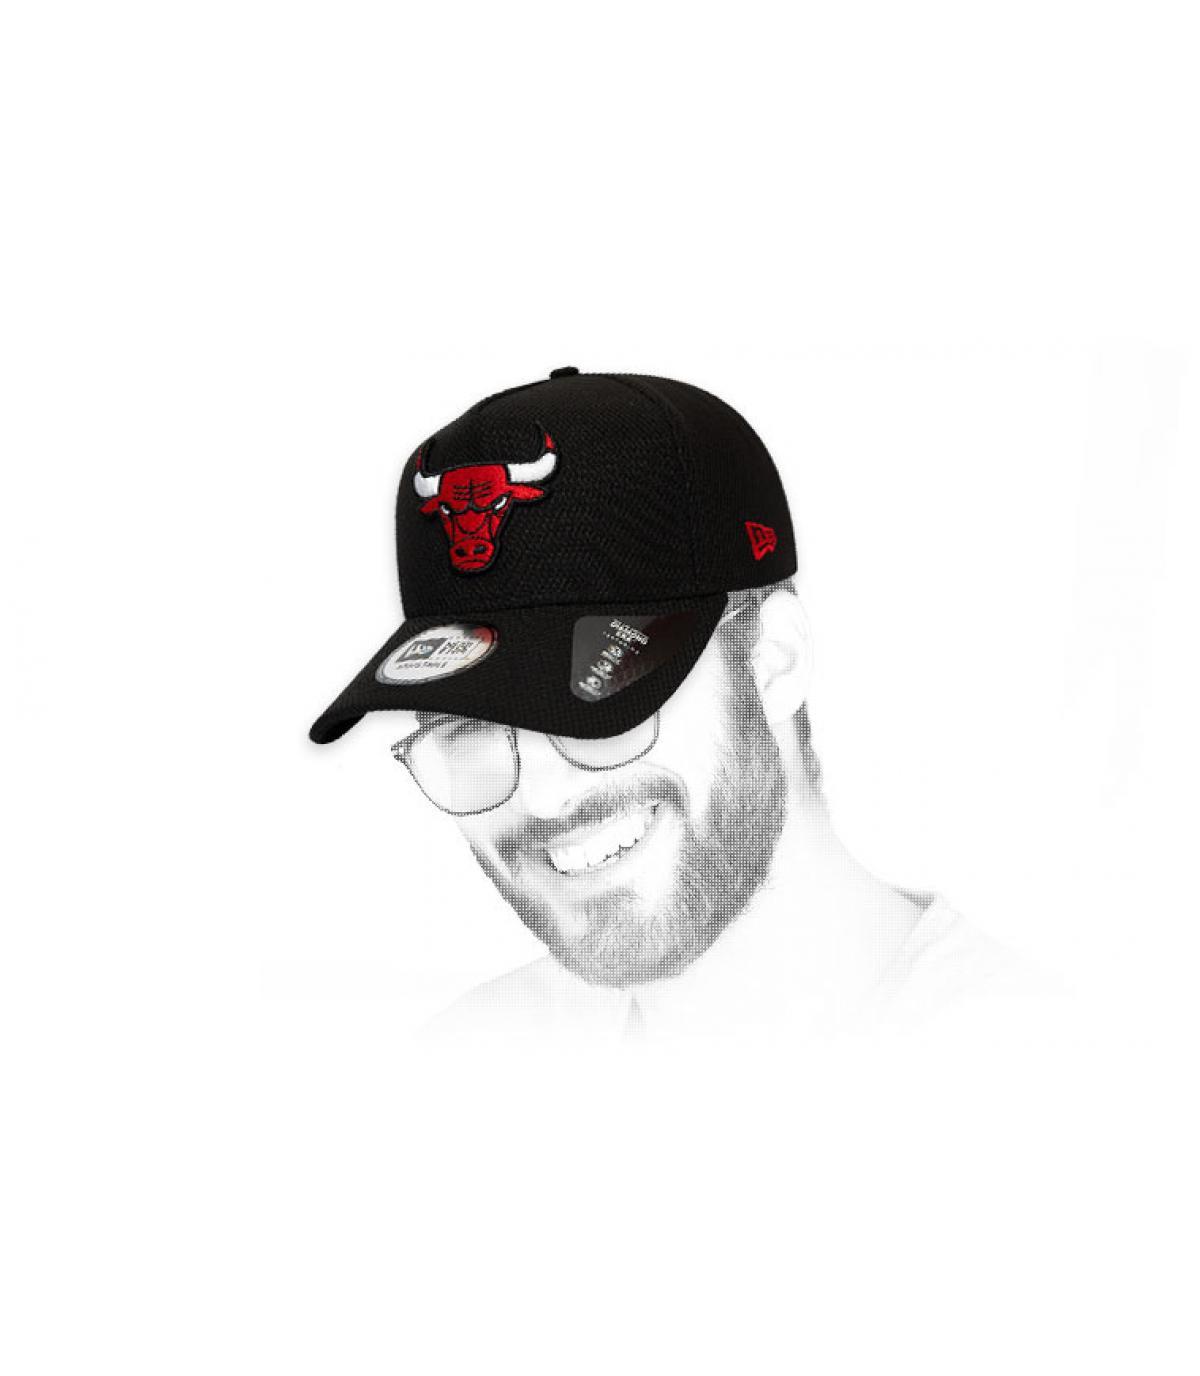 casquette Bulls noir logo